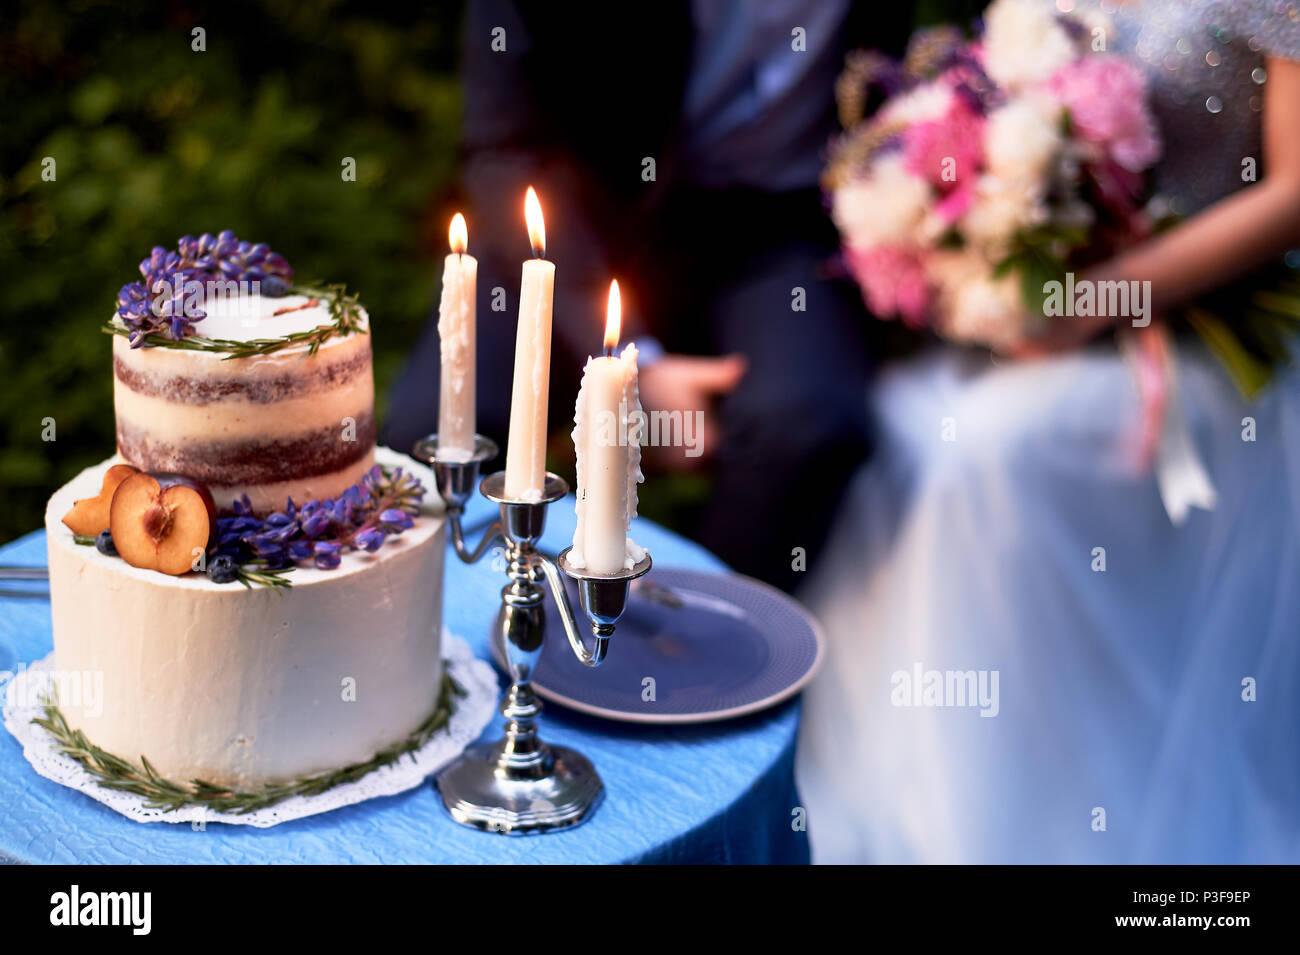 Romantische Hochzeit Abendessen, im Park am Wasser. Viel Grün. Schöne weiße tiered Kuchen mit Blumen und einem pflaumenbaum eingerichtet. Hochzeit Dekor Stockbild